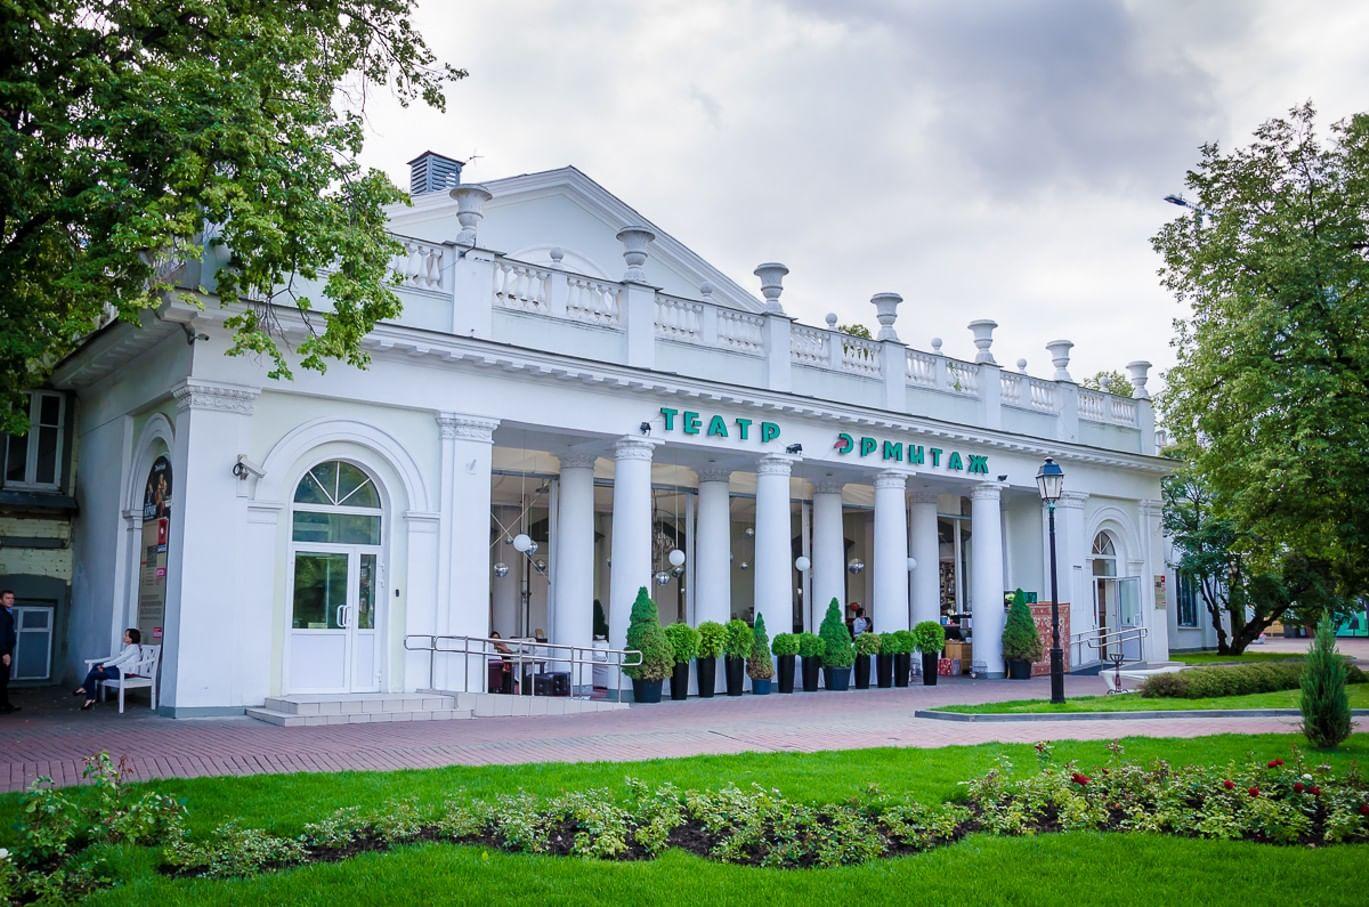 «Актёр&Коврик» - первый фестиваль моноспектаклей состоится в Калуге. Галерея 1